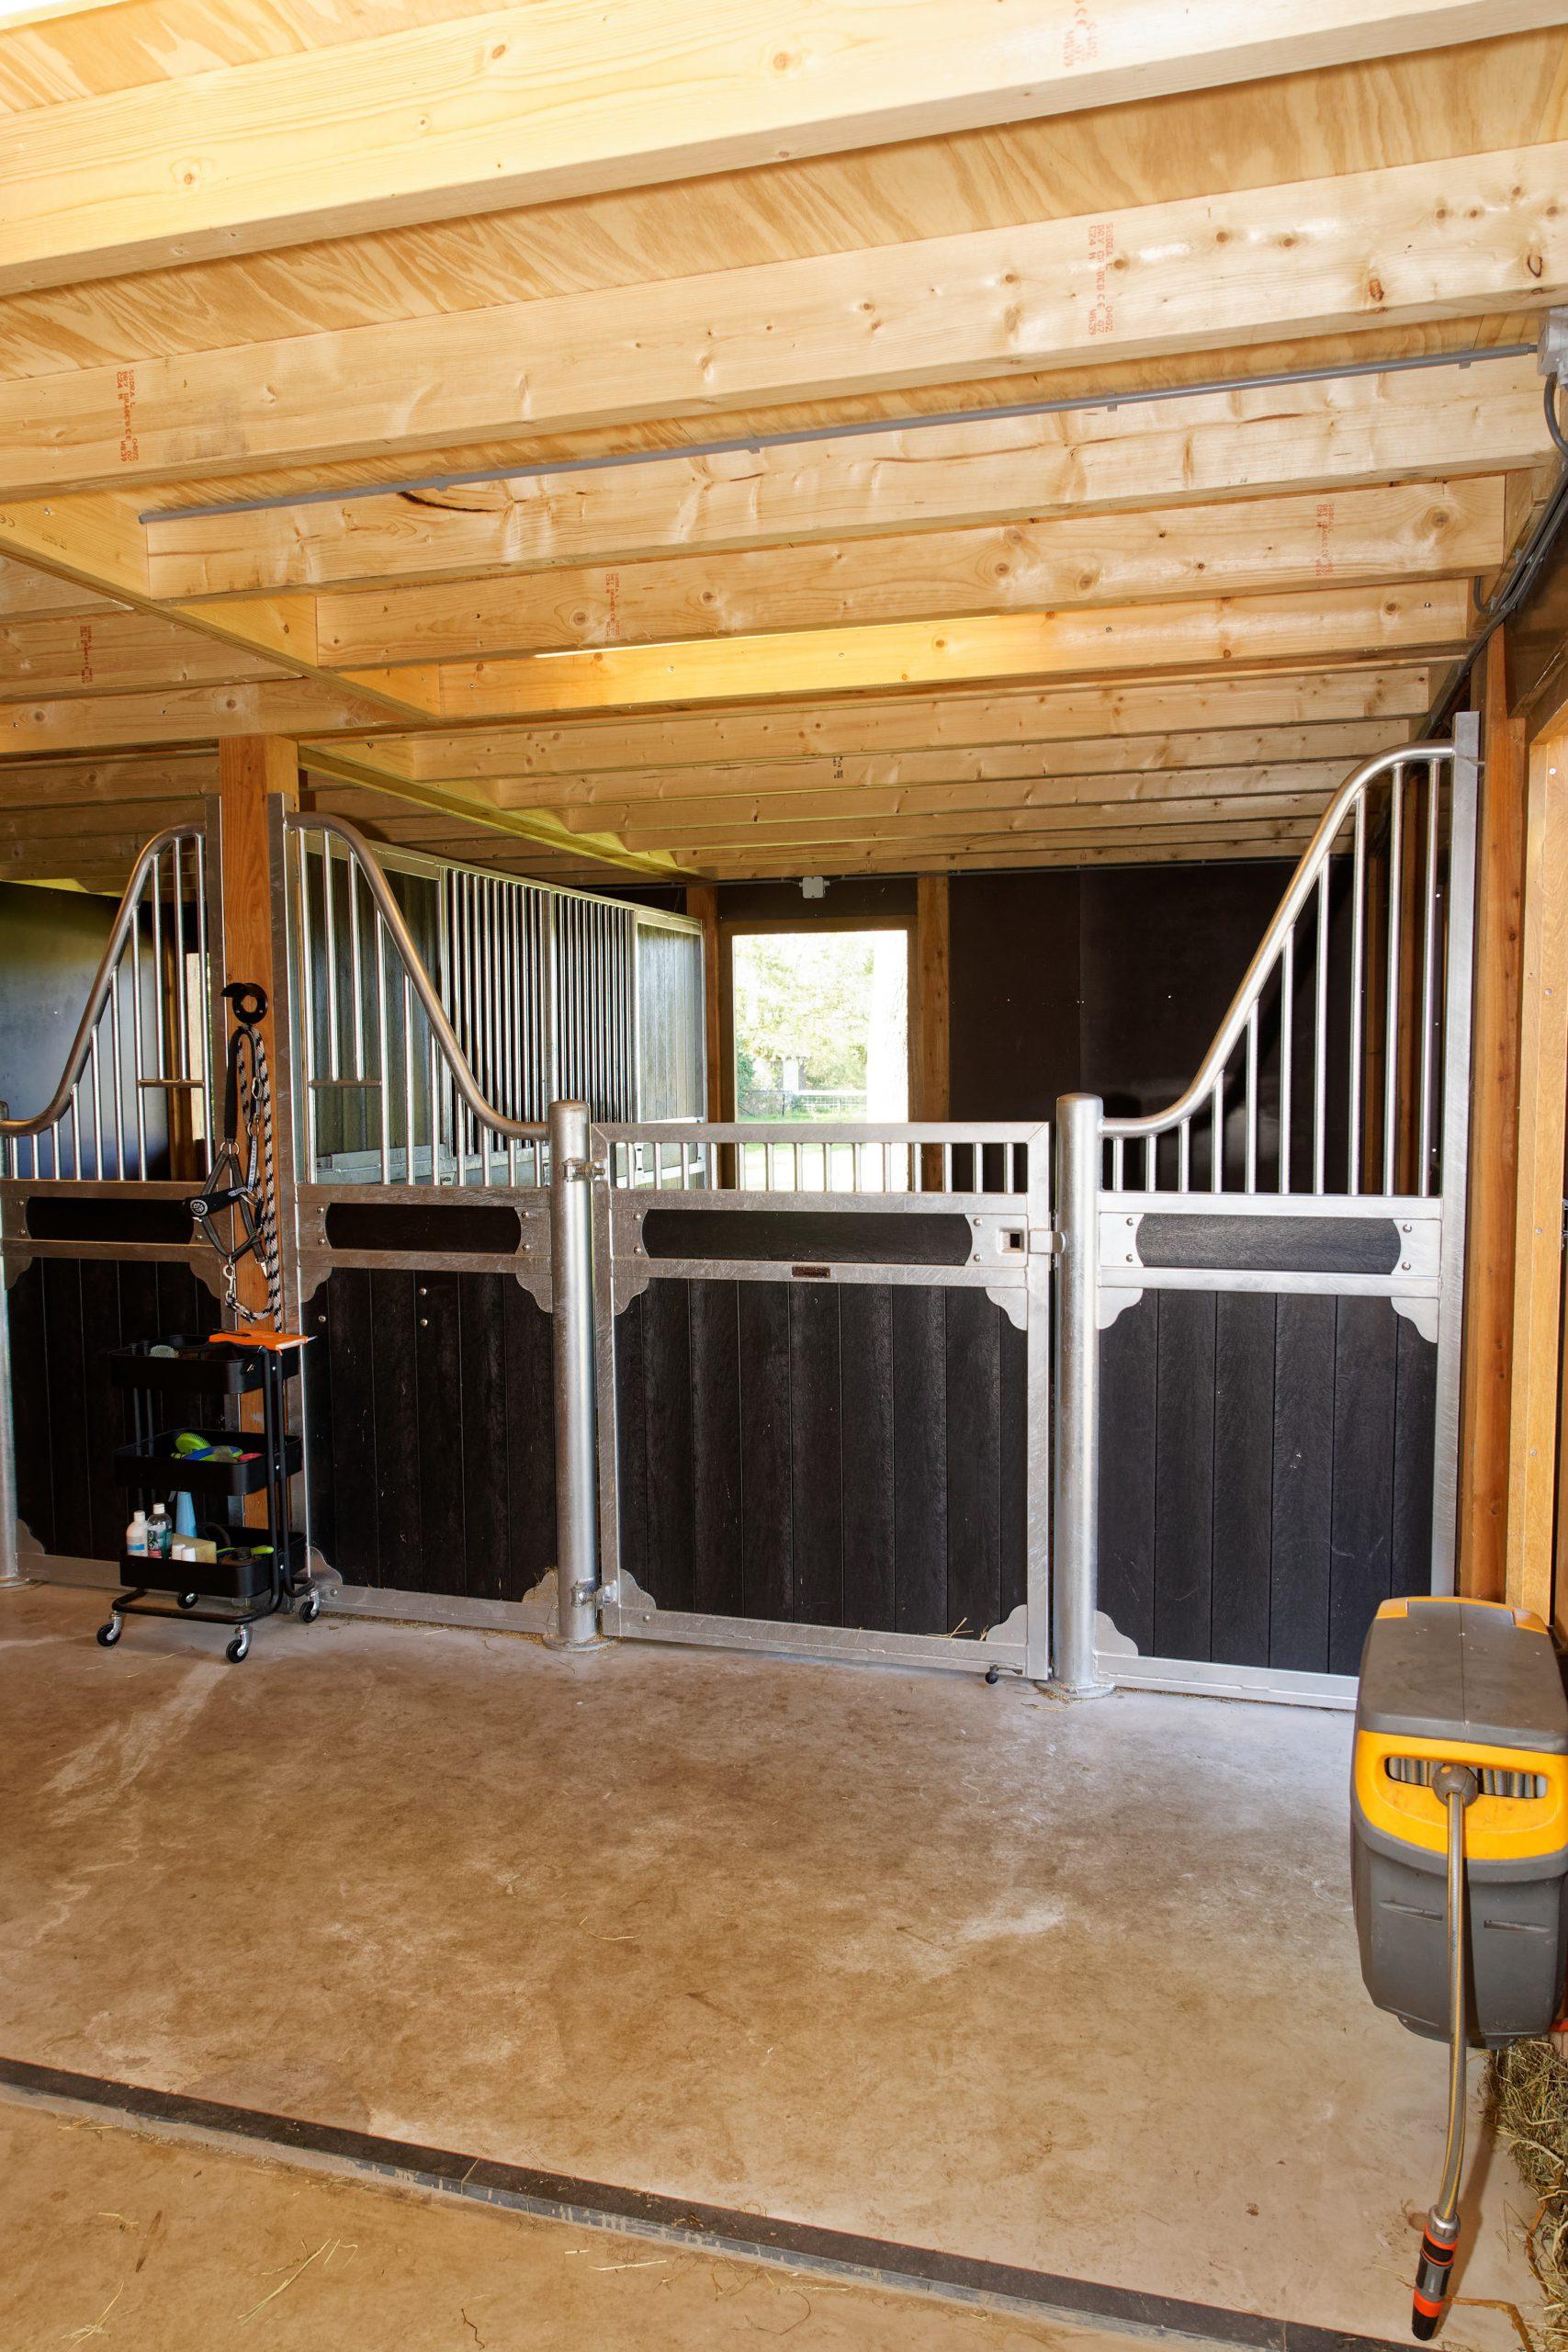 houten-schuur-met-paardenstallen-3-scaled - Project Hardenberg: Grote houten schuur met paardenstallen.